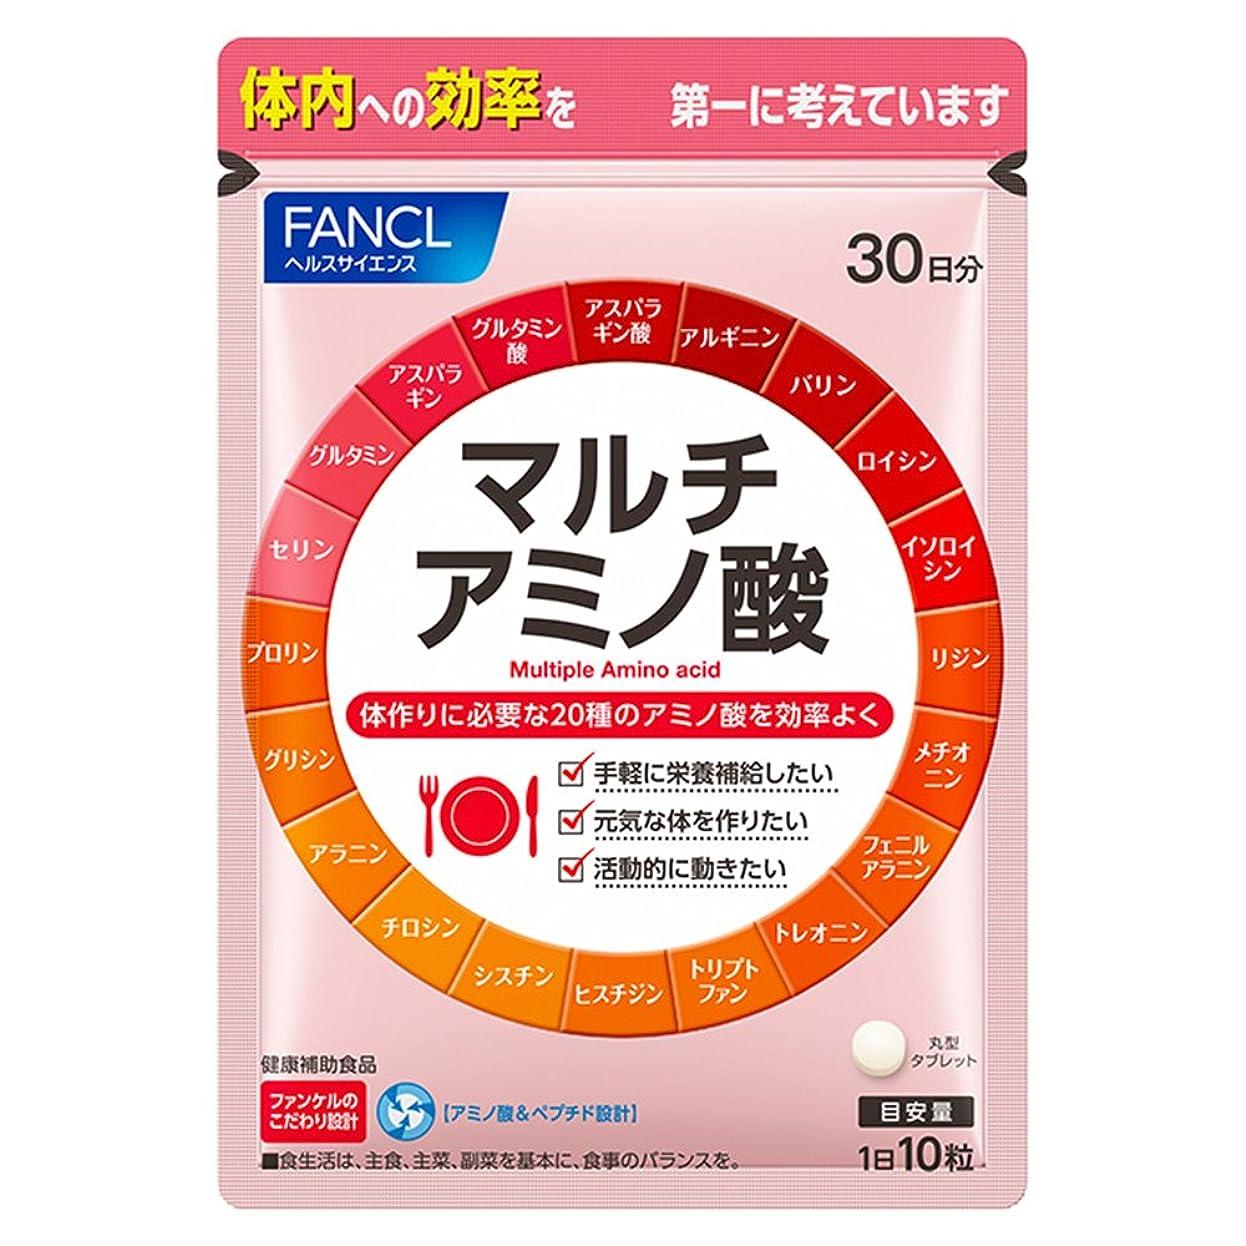 前投薬プロテスタント遅滞(新)ファンケル(FANCL) マルチアミノ酸 約30日分 300粒